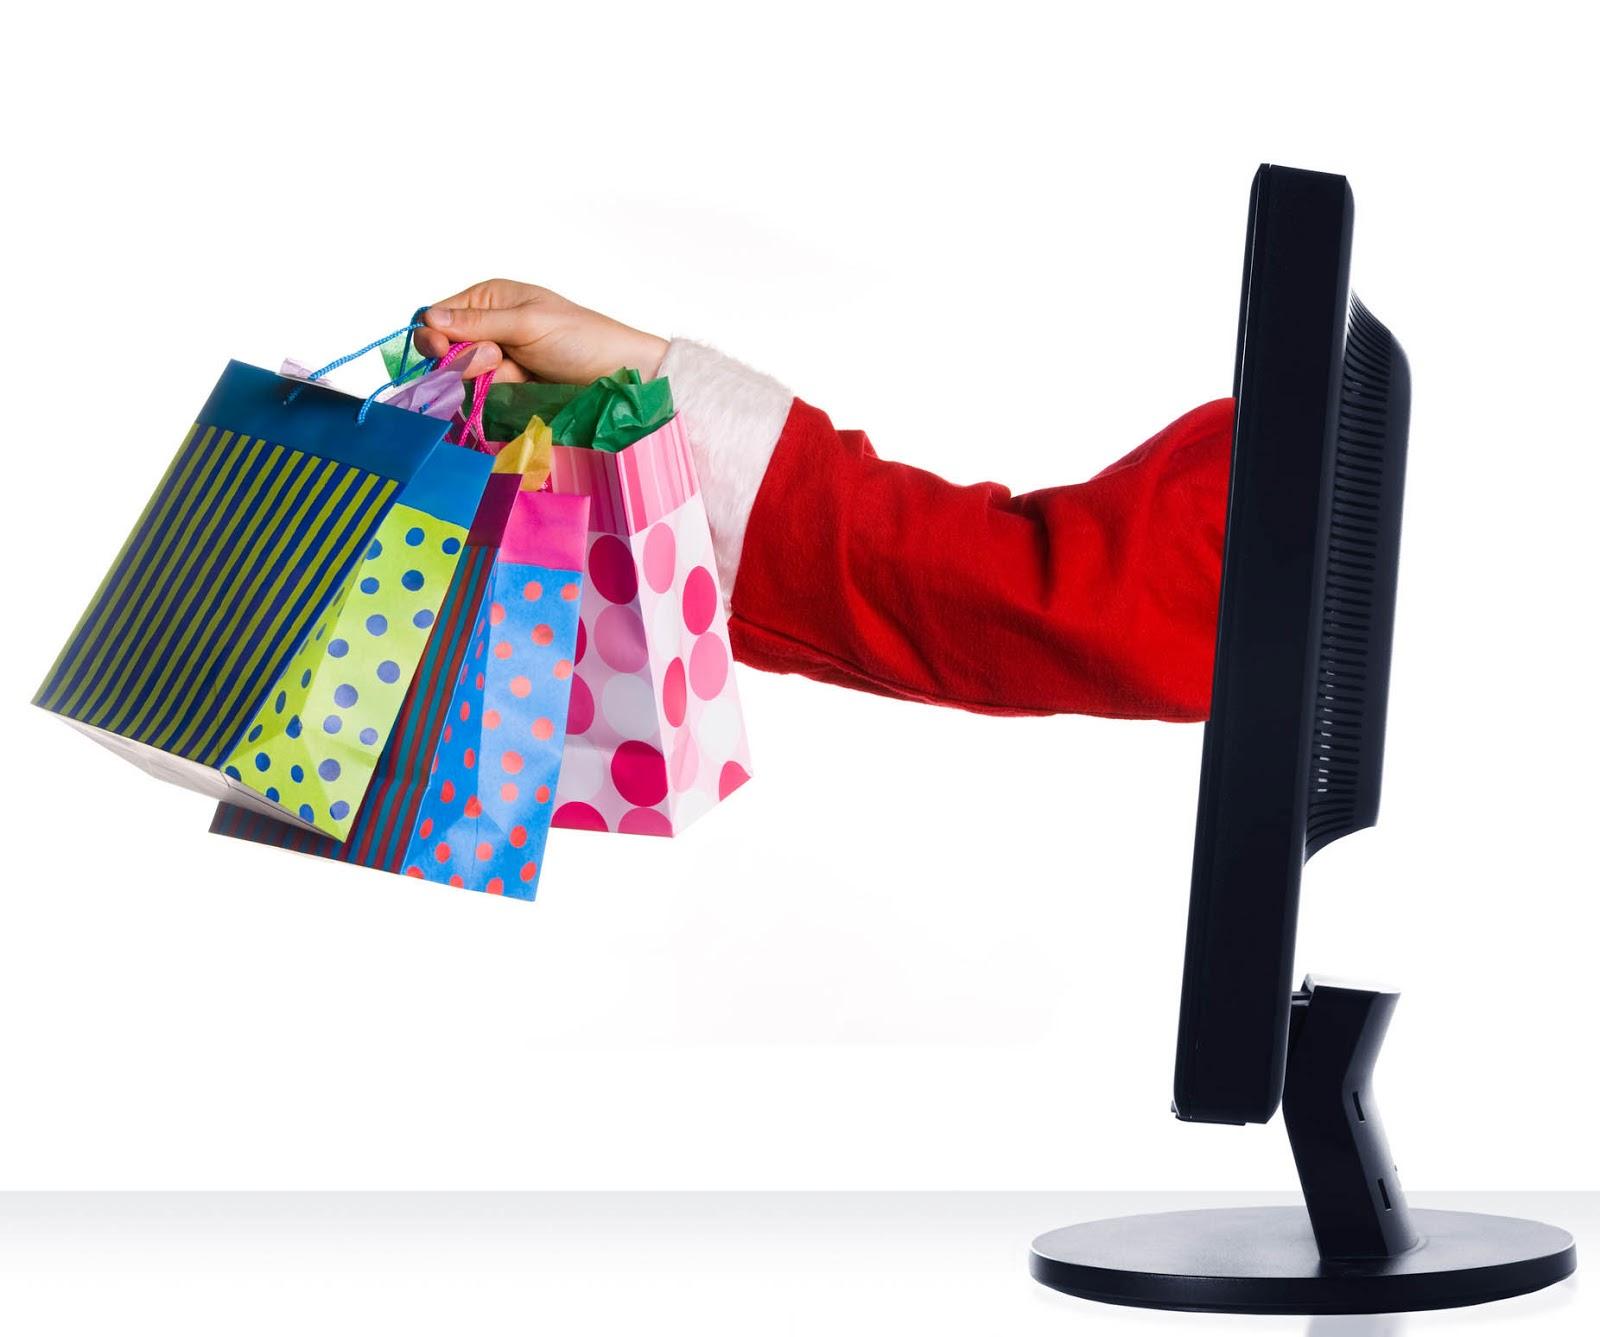 online-shopping-image-wallpaper.jpg